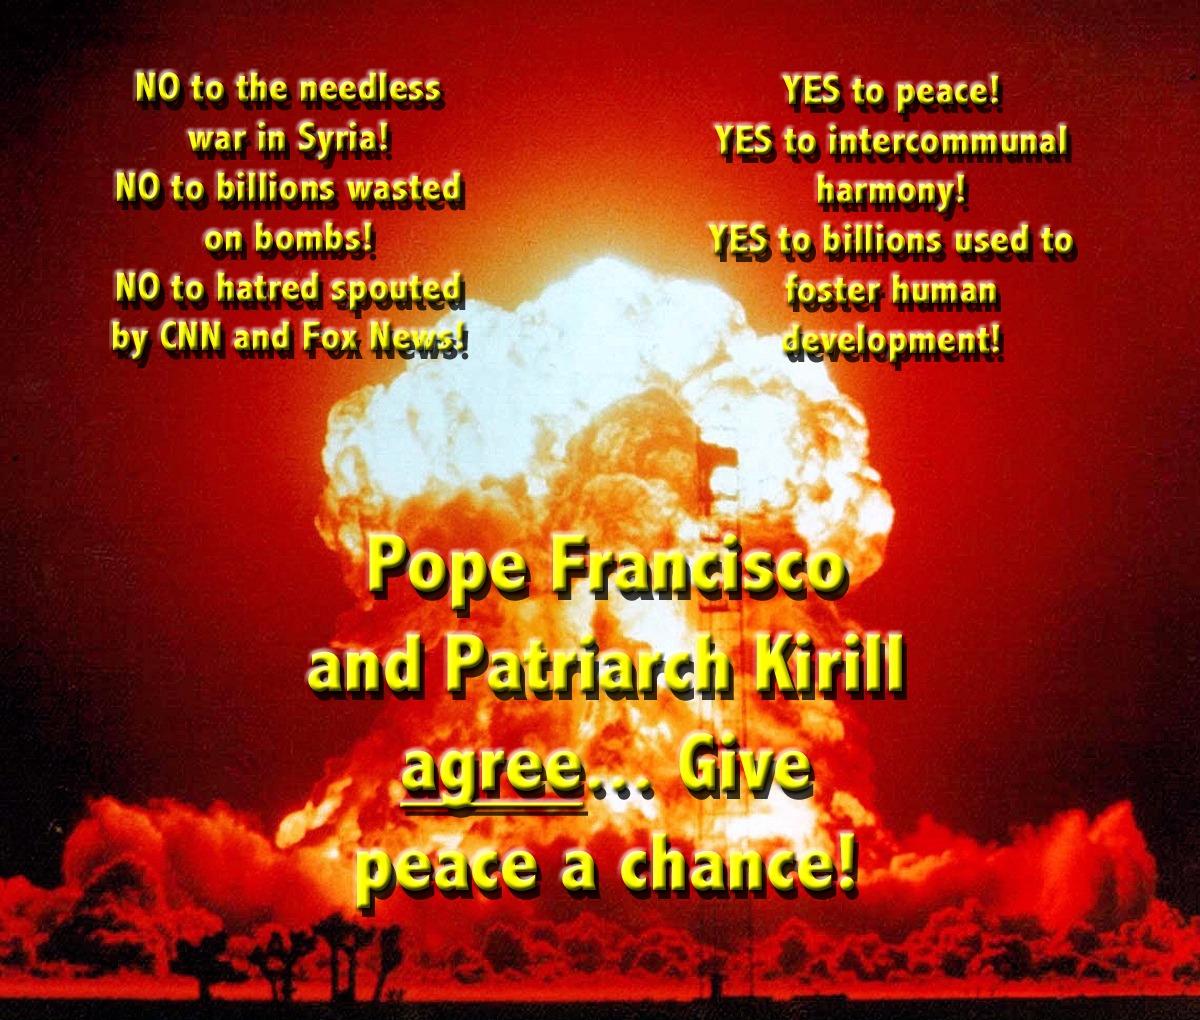 00 Give Peace a Chance. atomic fireball. 21.09.13